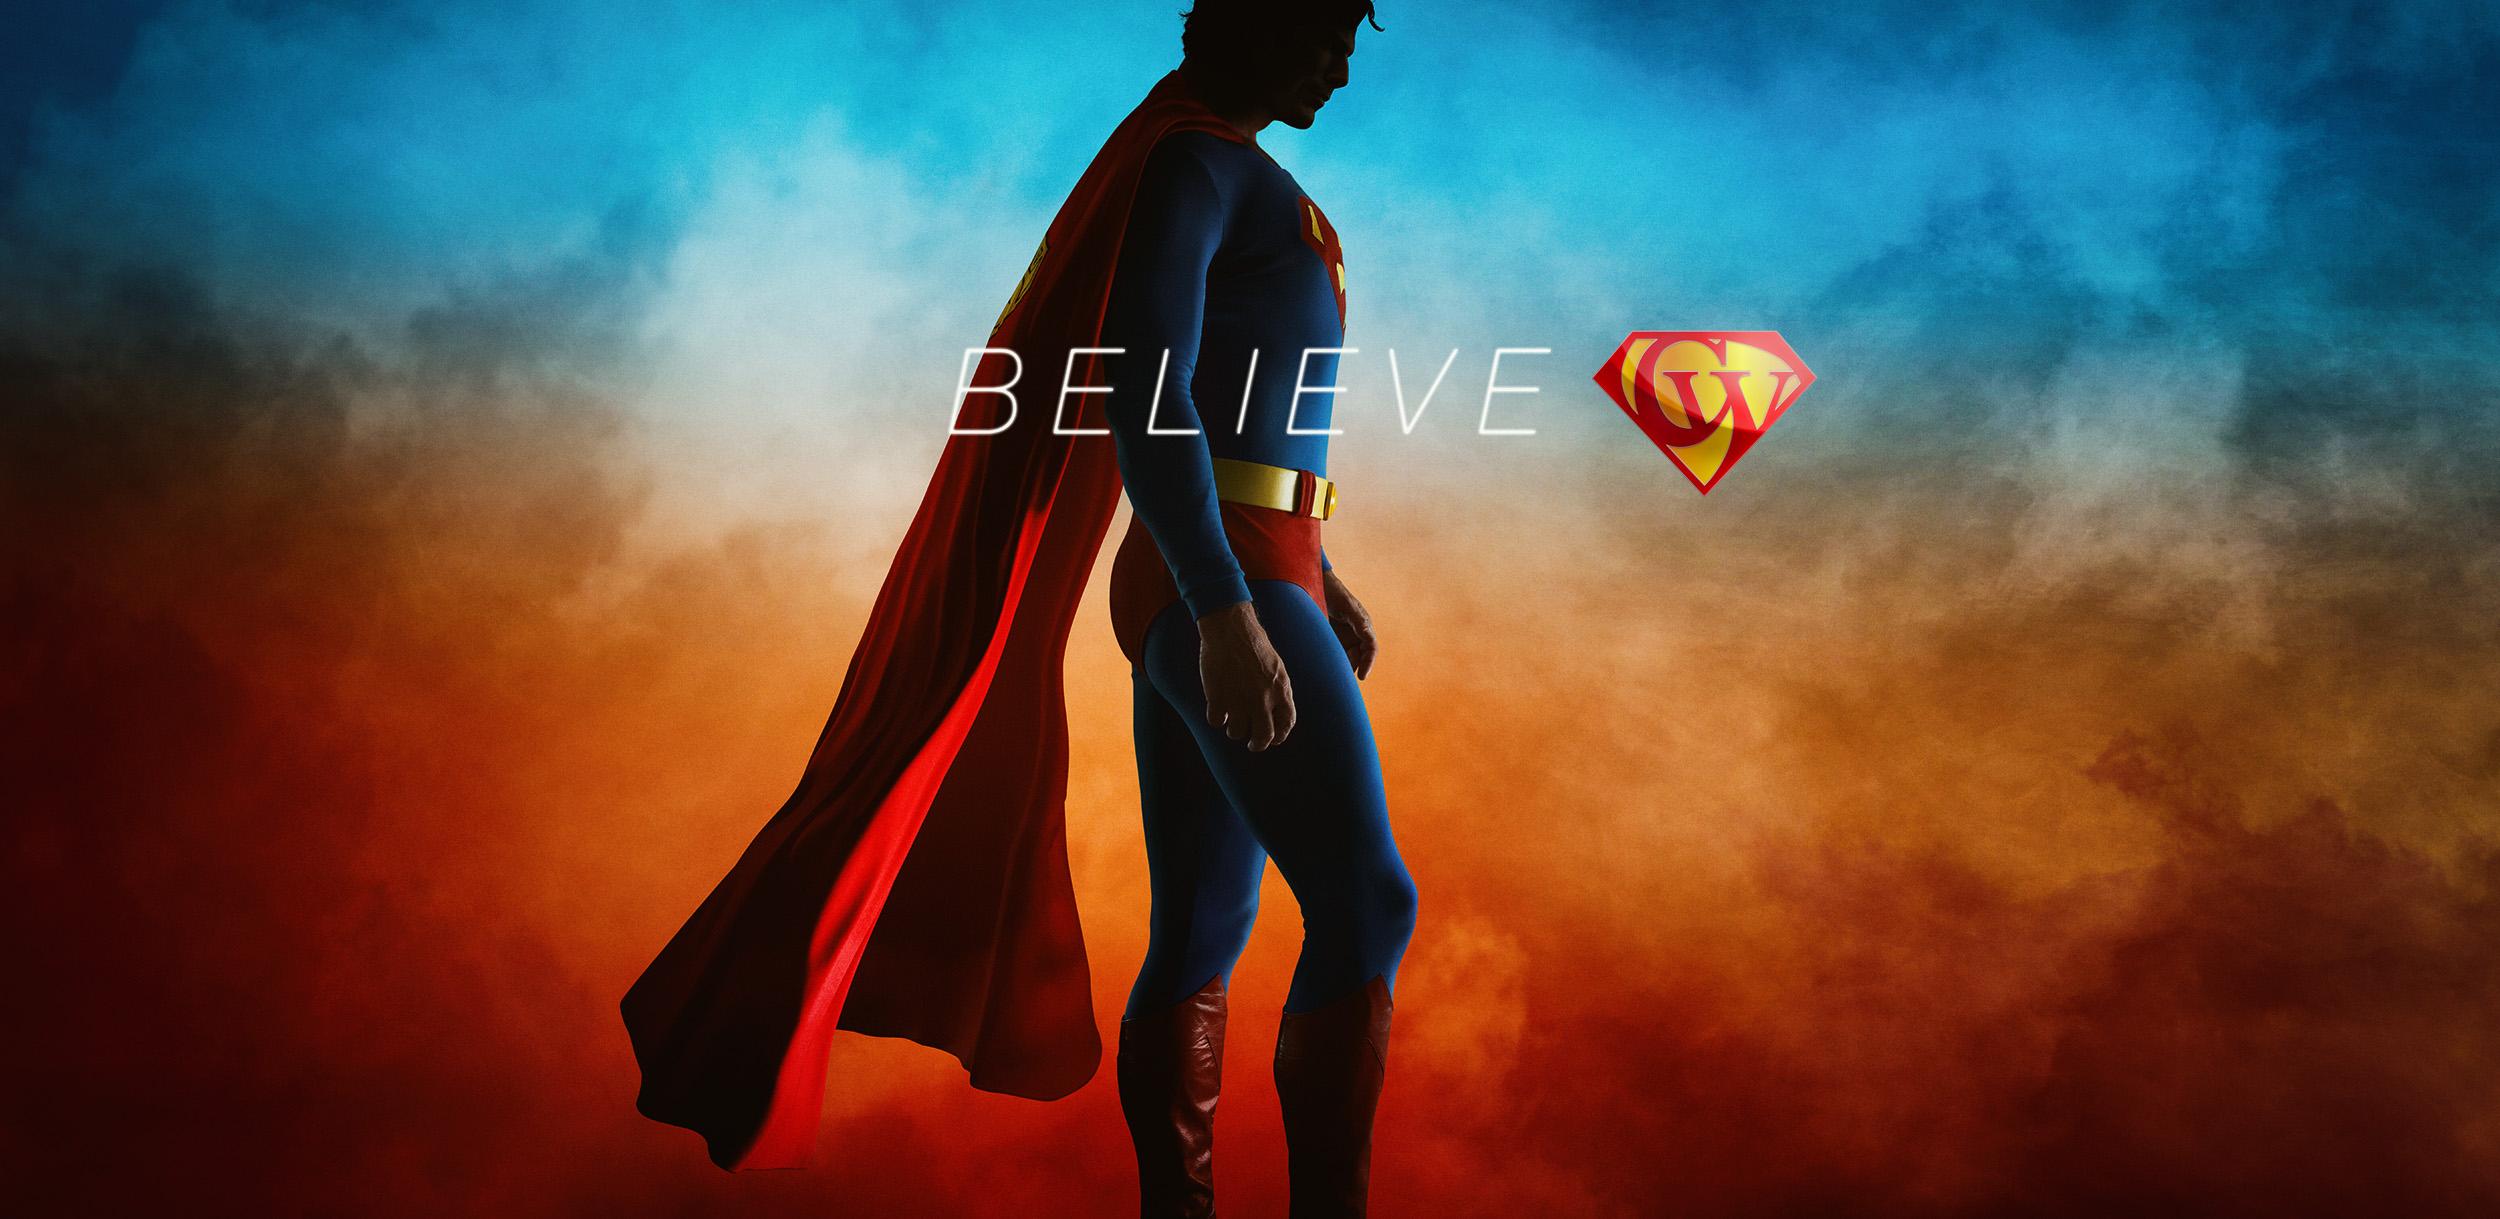 CW-believe-profile-2020